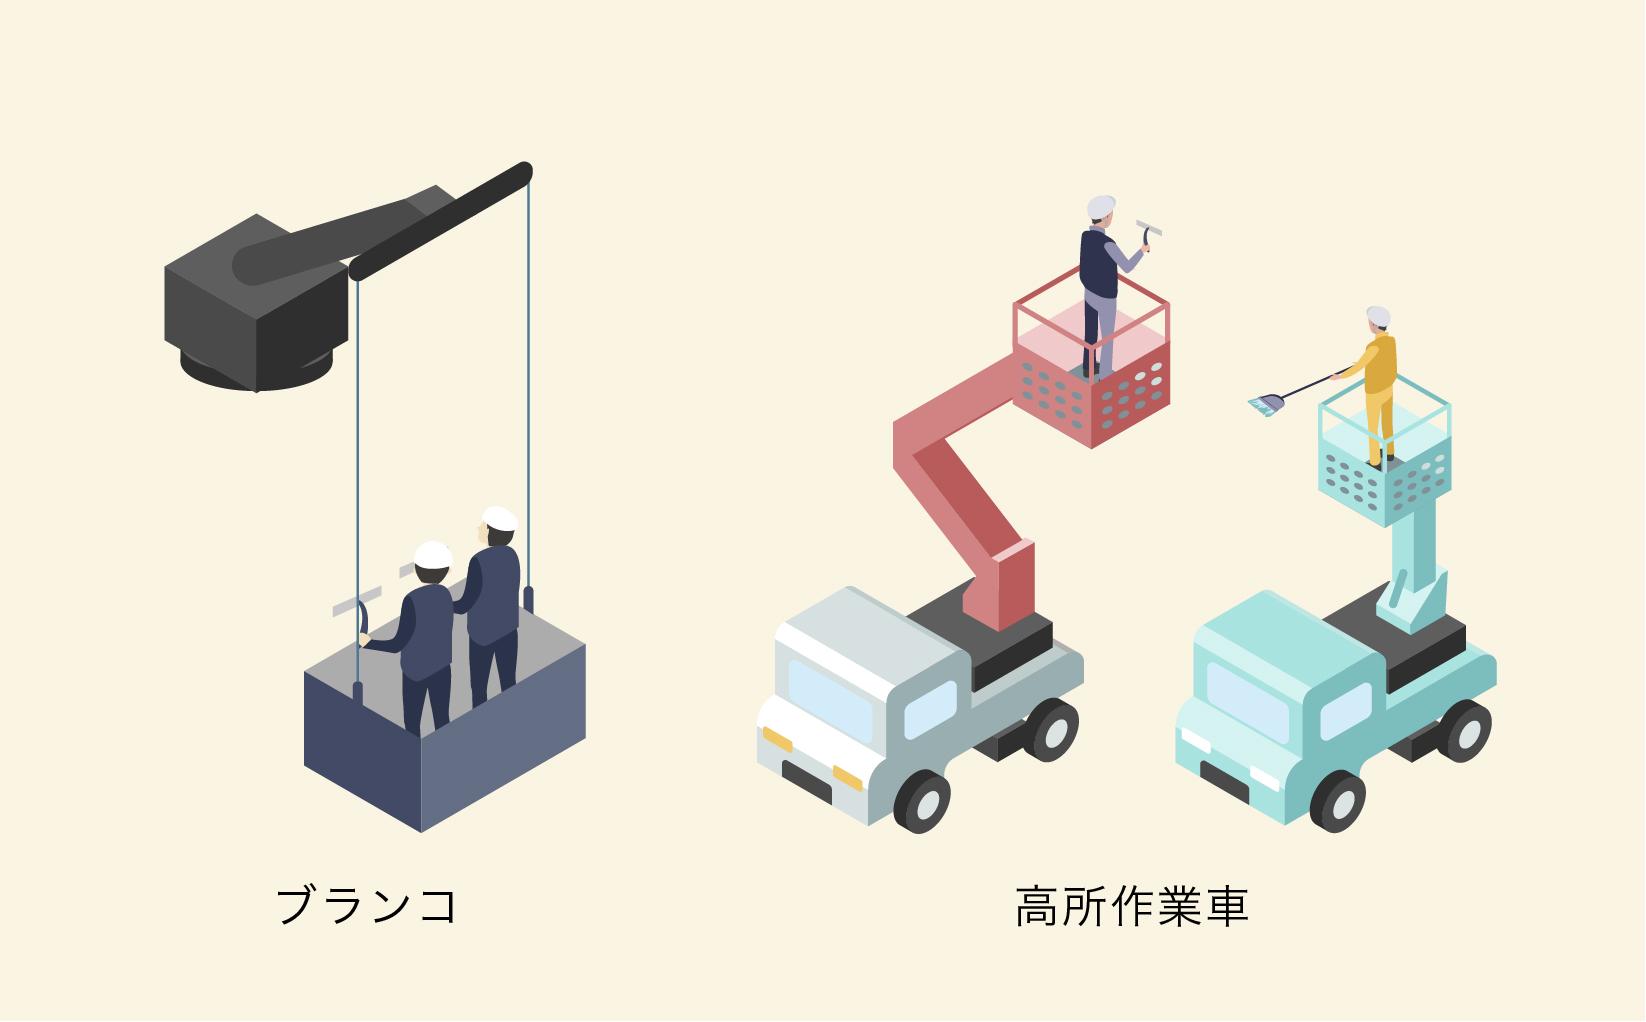 左側部分ではゴンドラに乗って作業しており、右側部分では高所作業車に乗って作業しているイメージ